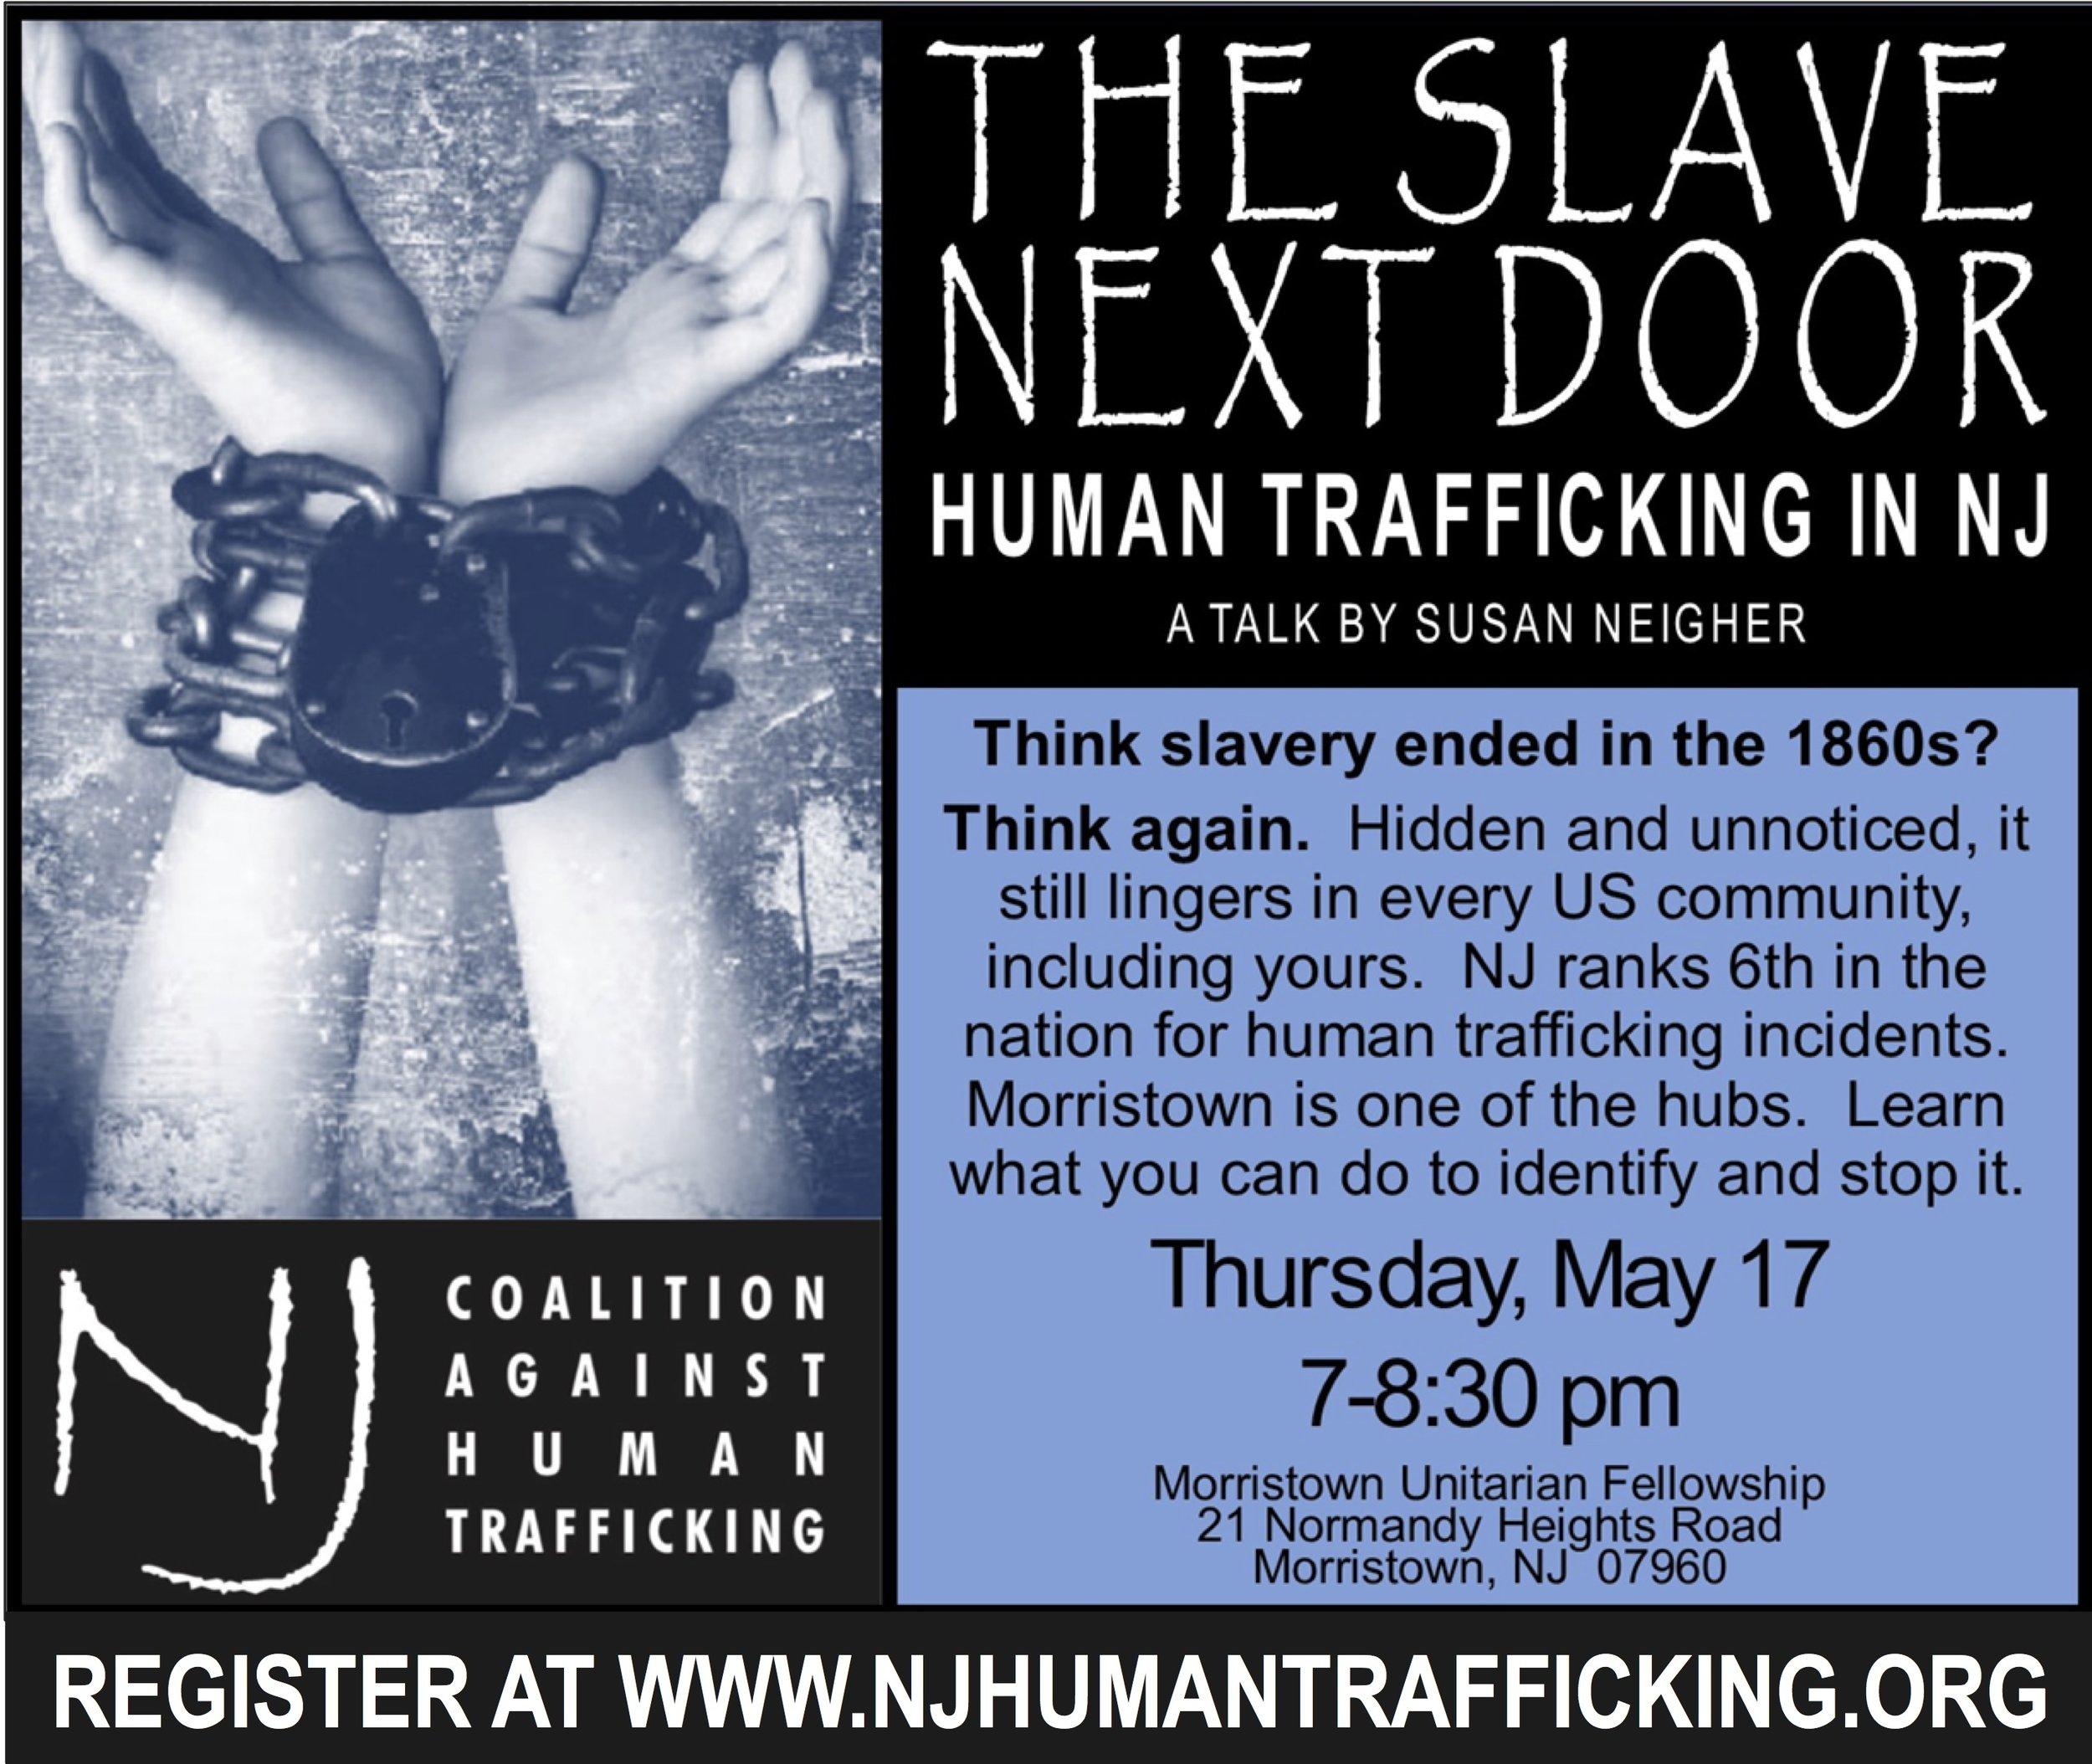 Slave Next Door May 17.jpg